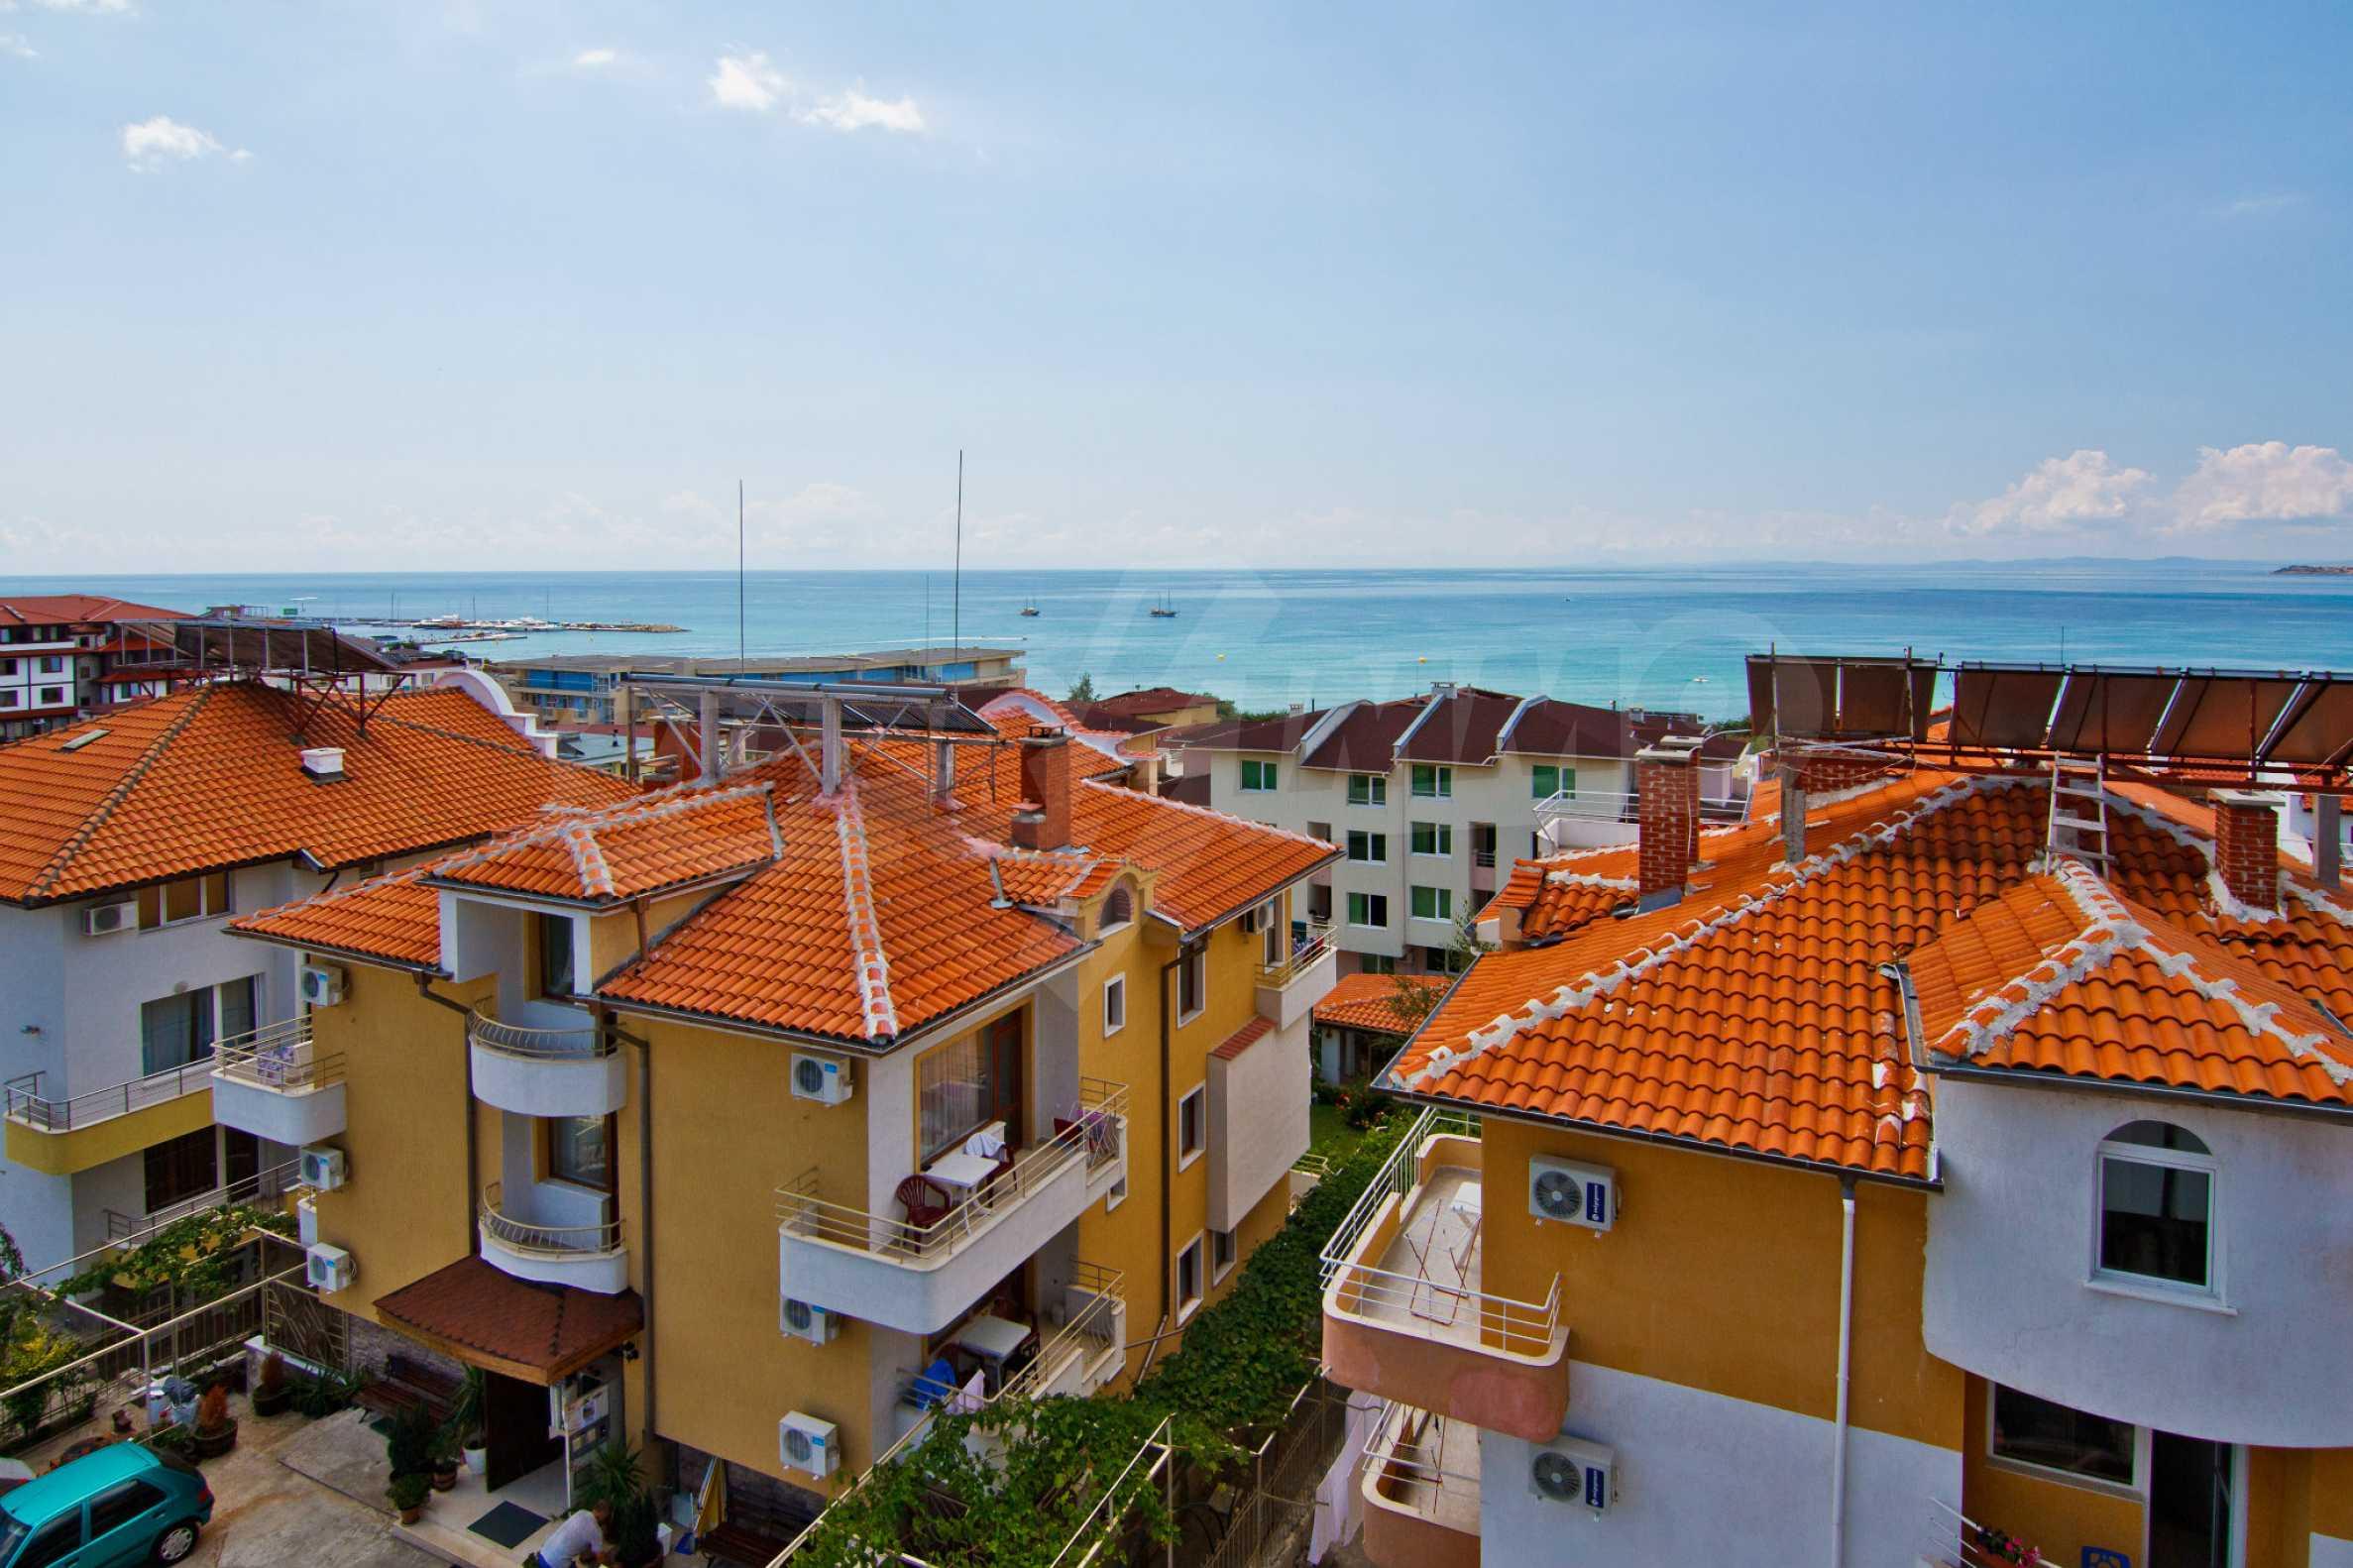 Exquisite Apartments in einer Ferienanlage in der Nähe von Central Beach 21